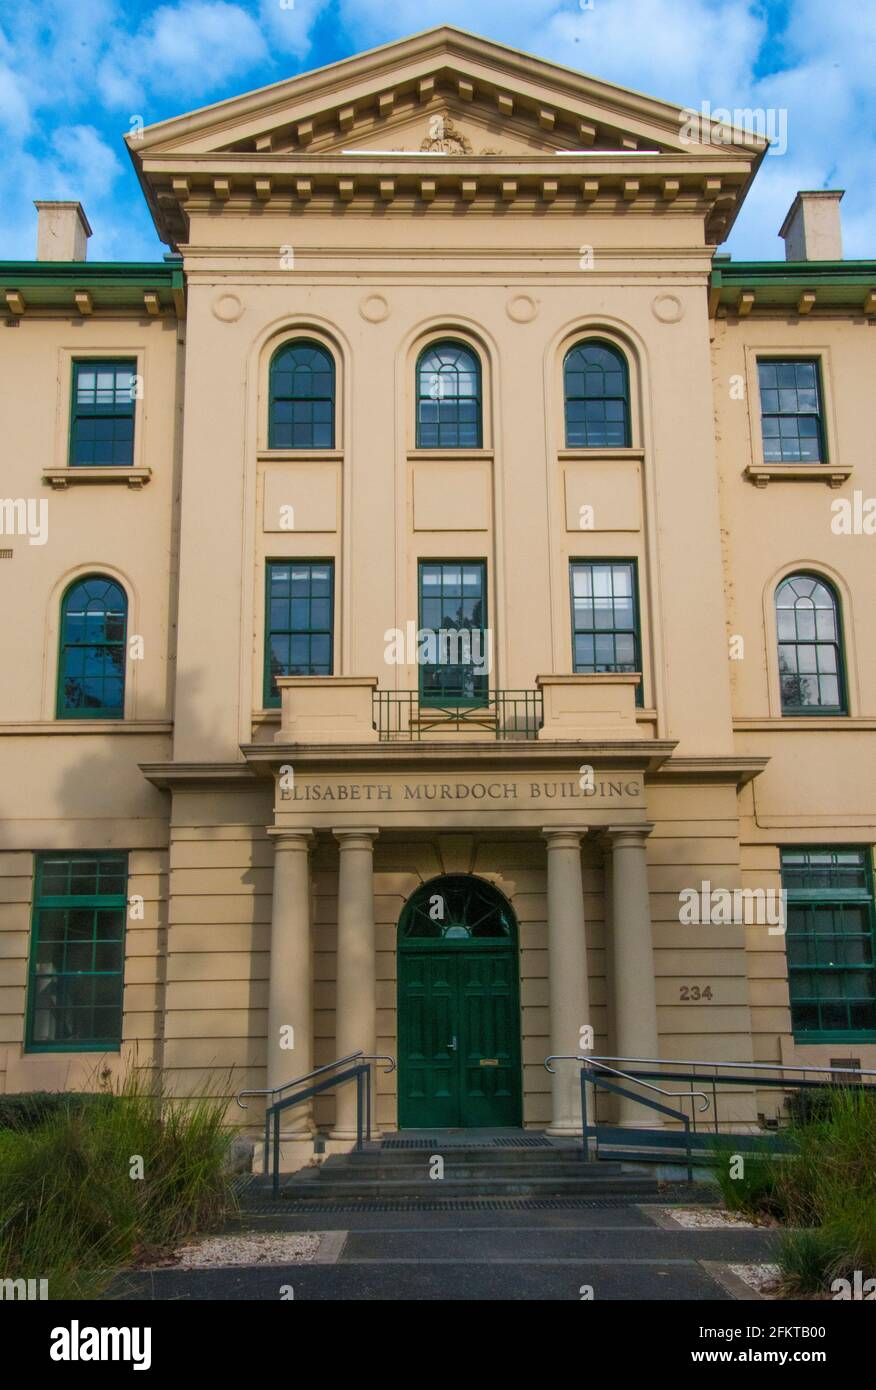 Bâtiment Elisabeth Murdoch au Victorian College of the Arts, sur St Kilda Road, dans le quartier de Southbank, Melbourne, Australie. Banque D'Images